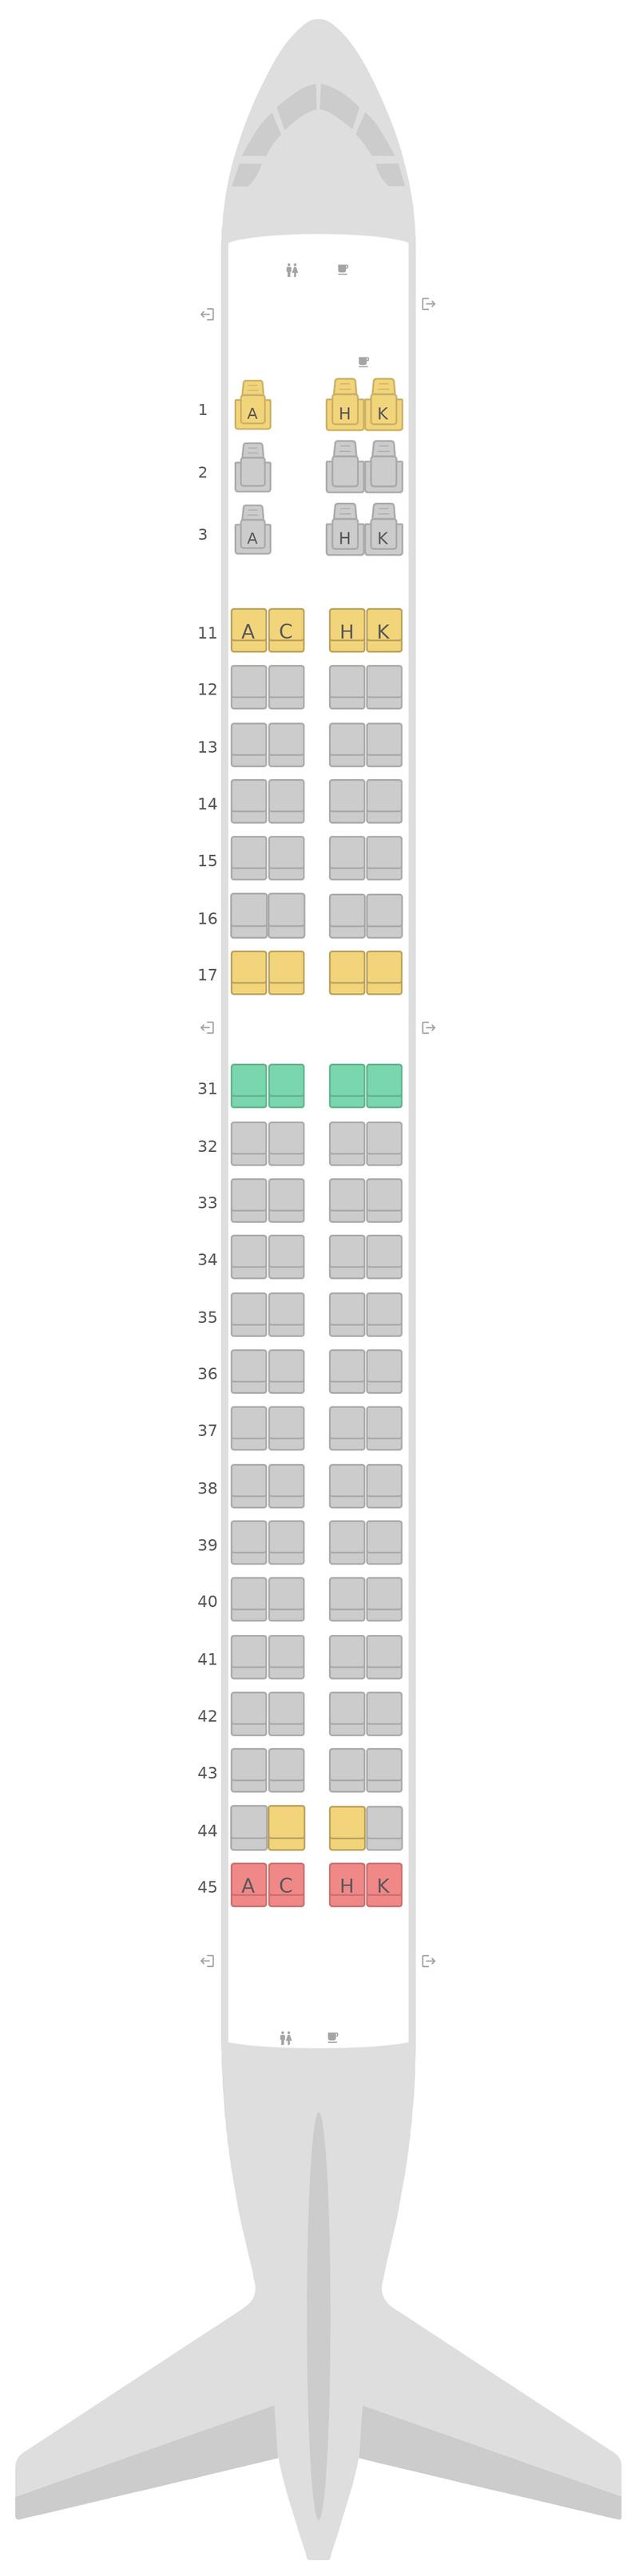 Sitzplan Embraer E190 (E90) Air Astana